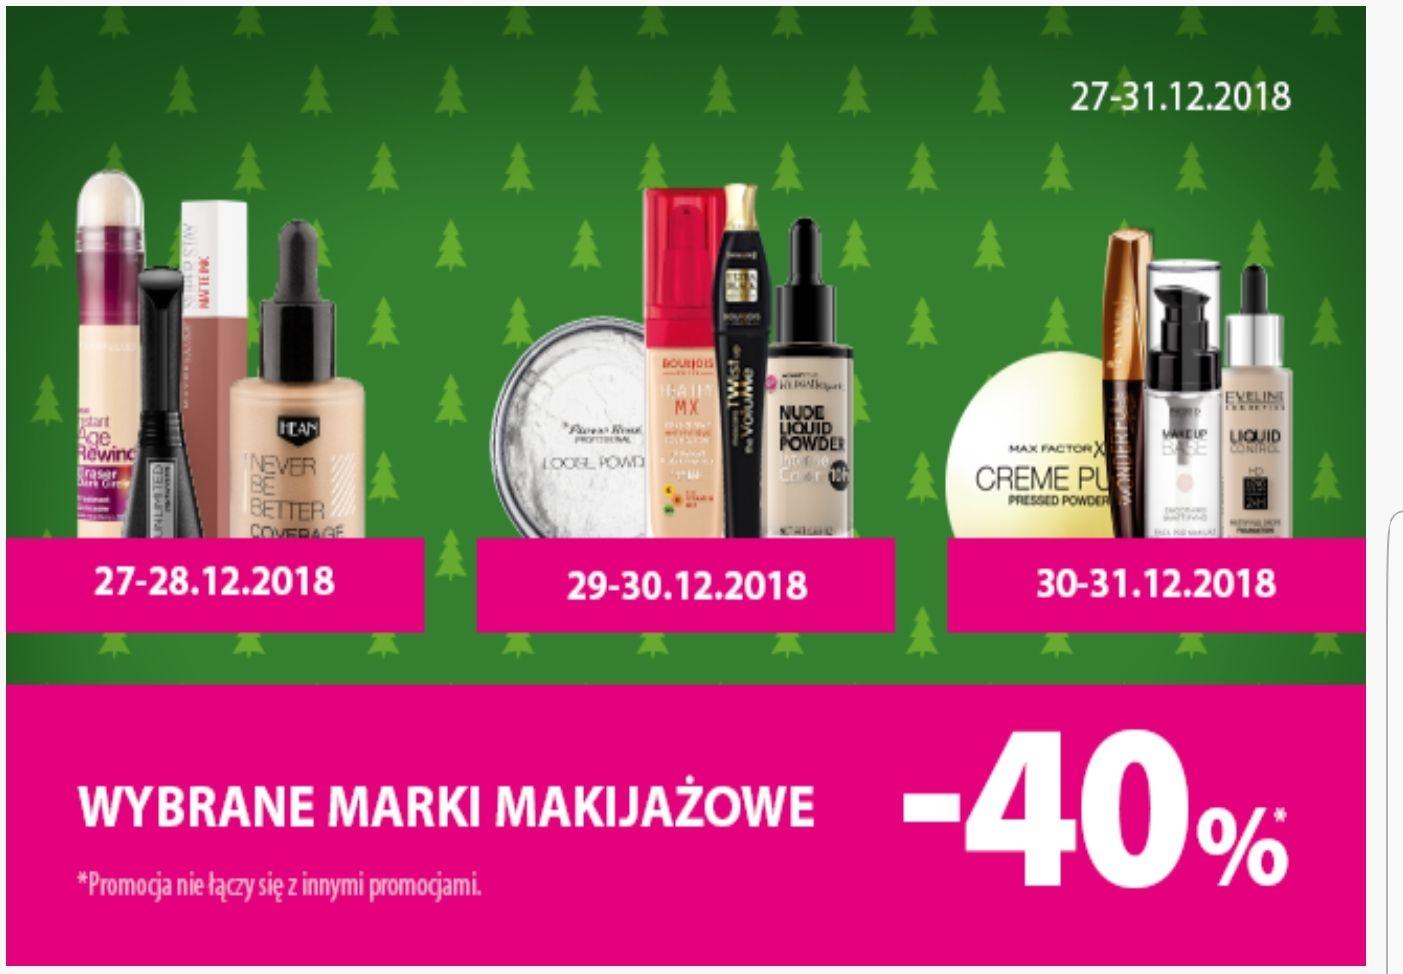 -40 % na wybrane marki makijażowe w Hebe